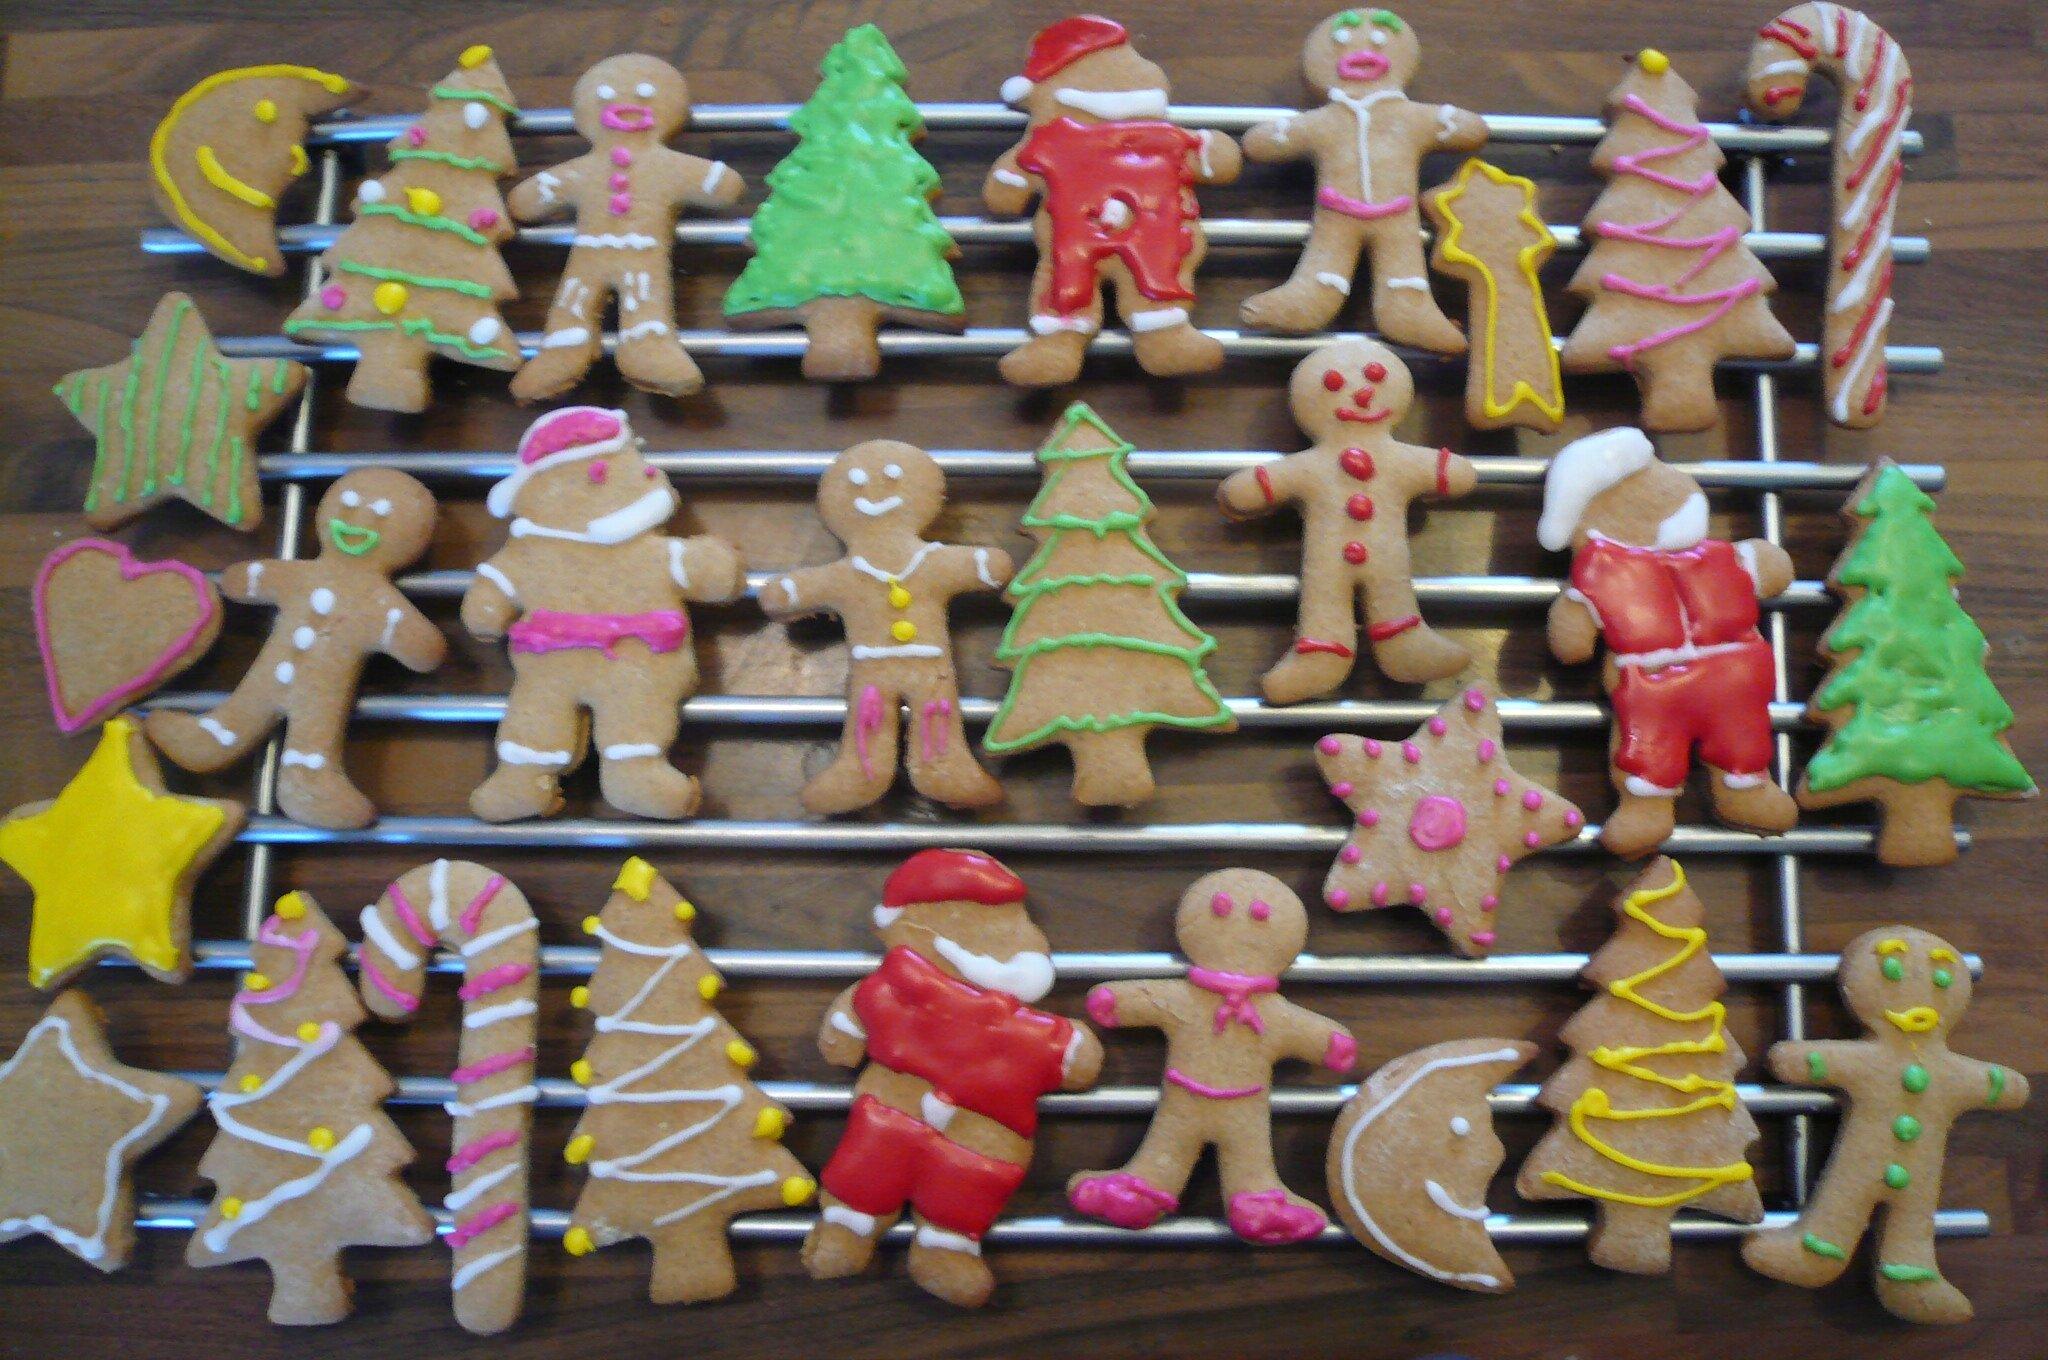 Decoration Biscuit Noel.Decoration Biscuit Noel Exactjuristen